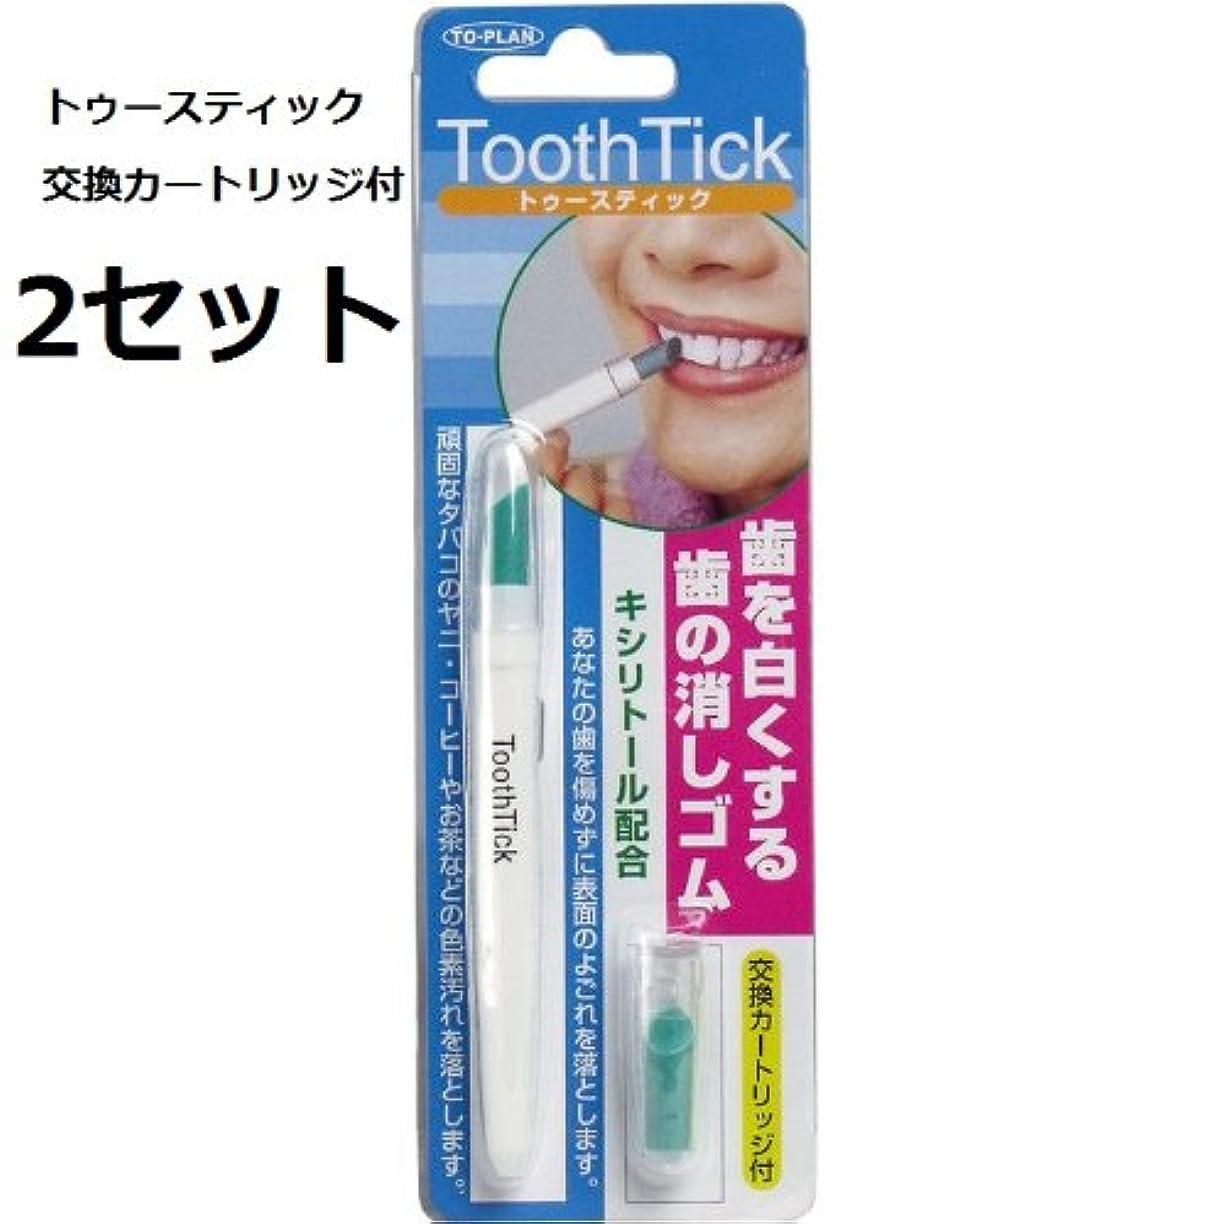 本土サーフィン掃除歯を白くする歯の消しゴム トゥースティック 交換カートリッジ付 2セット